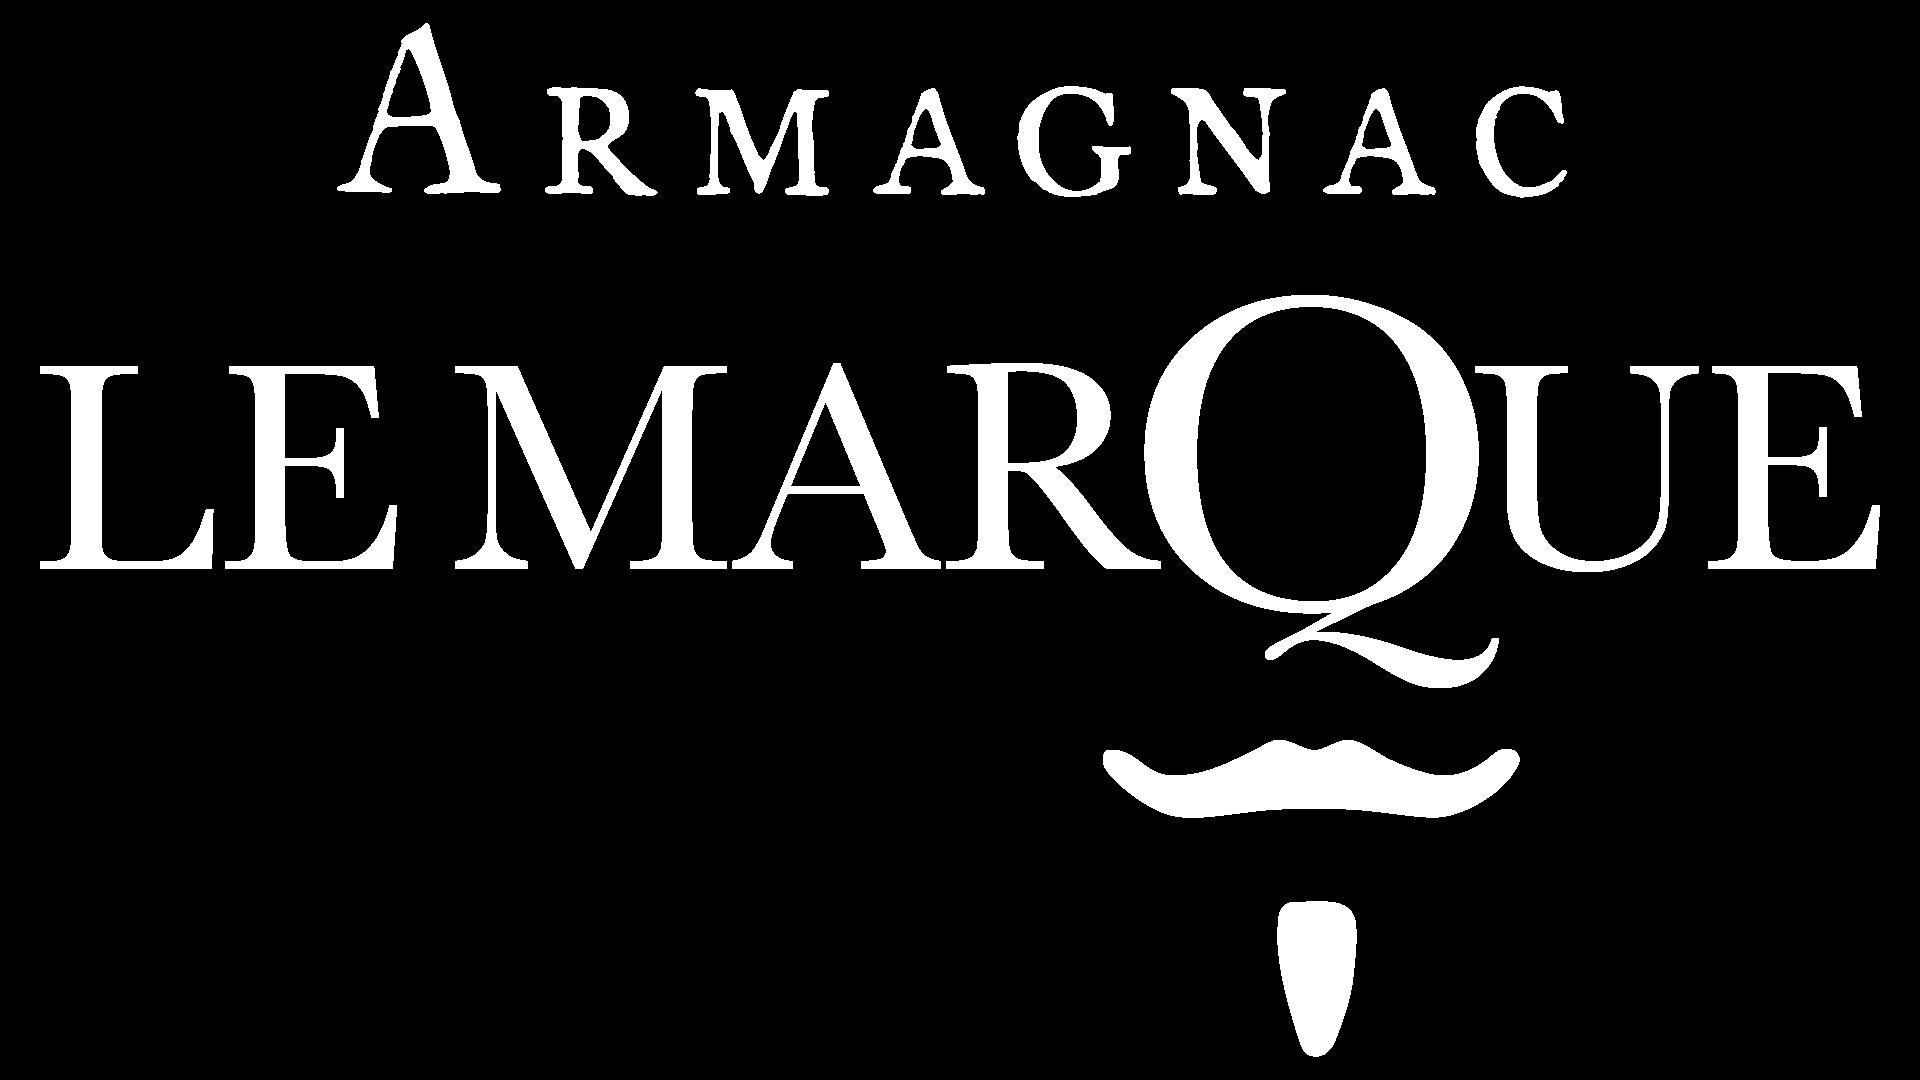 logo le marque armagnac blanc